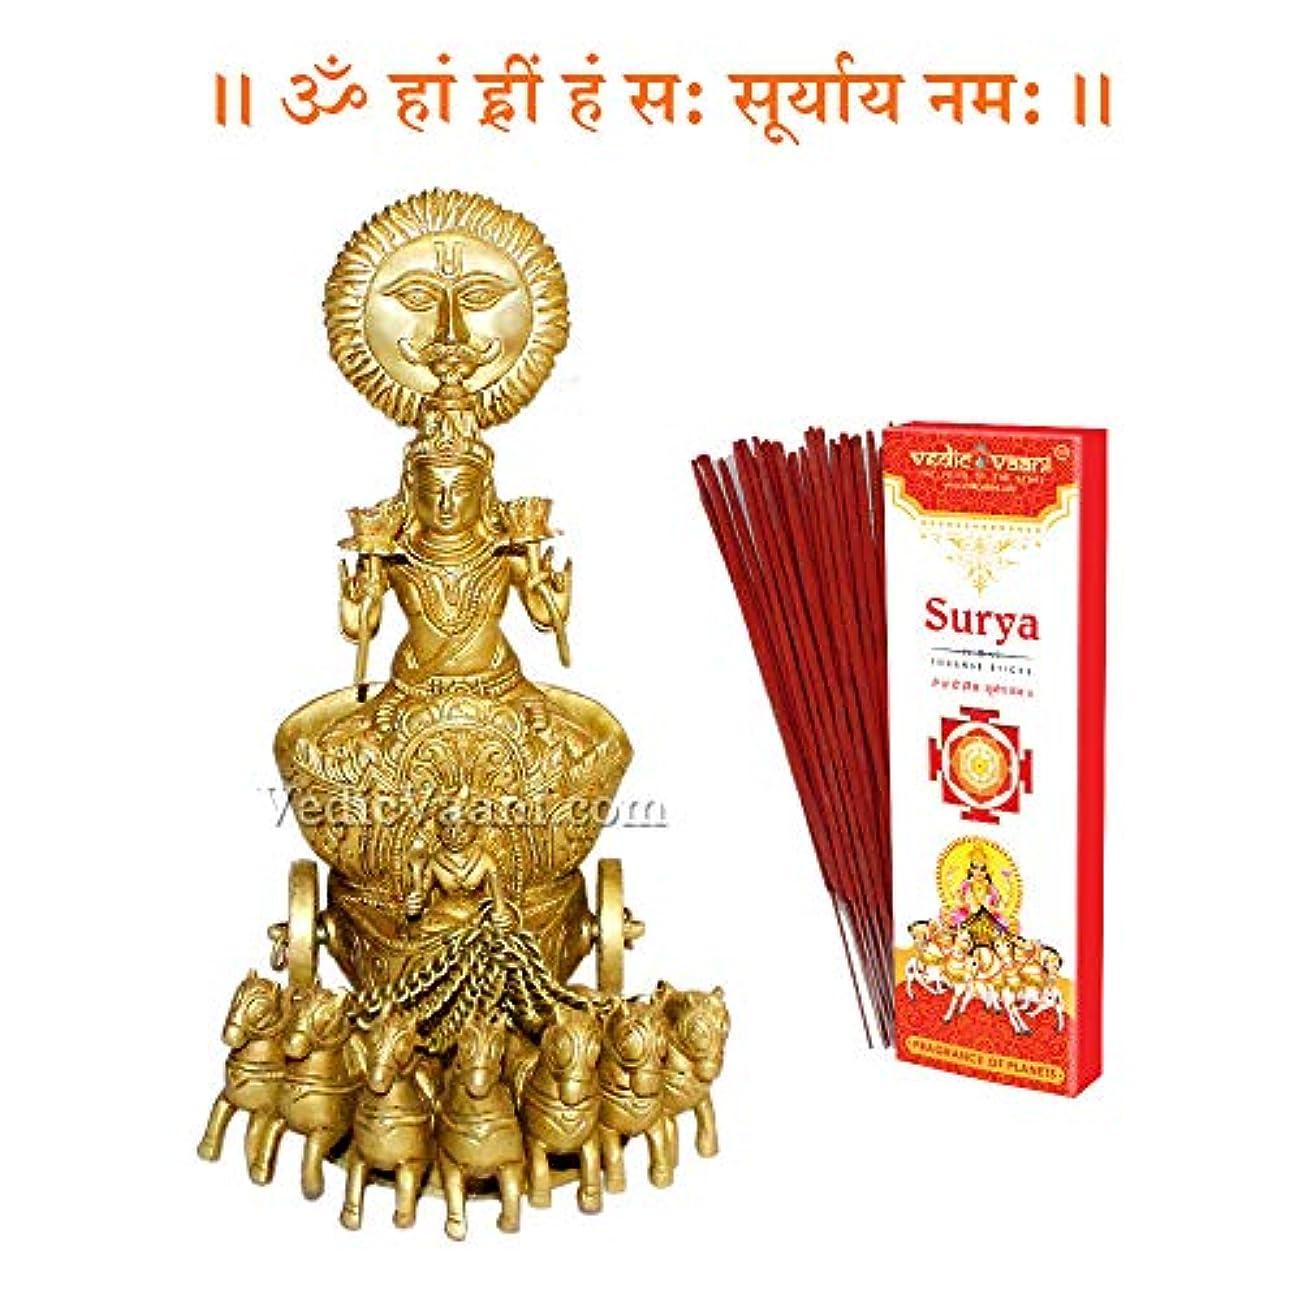 できる応答代数Vedic Vaani Surya Dev Idol with Surya お香スティック